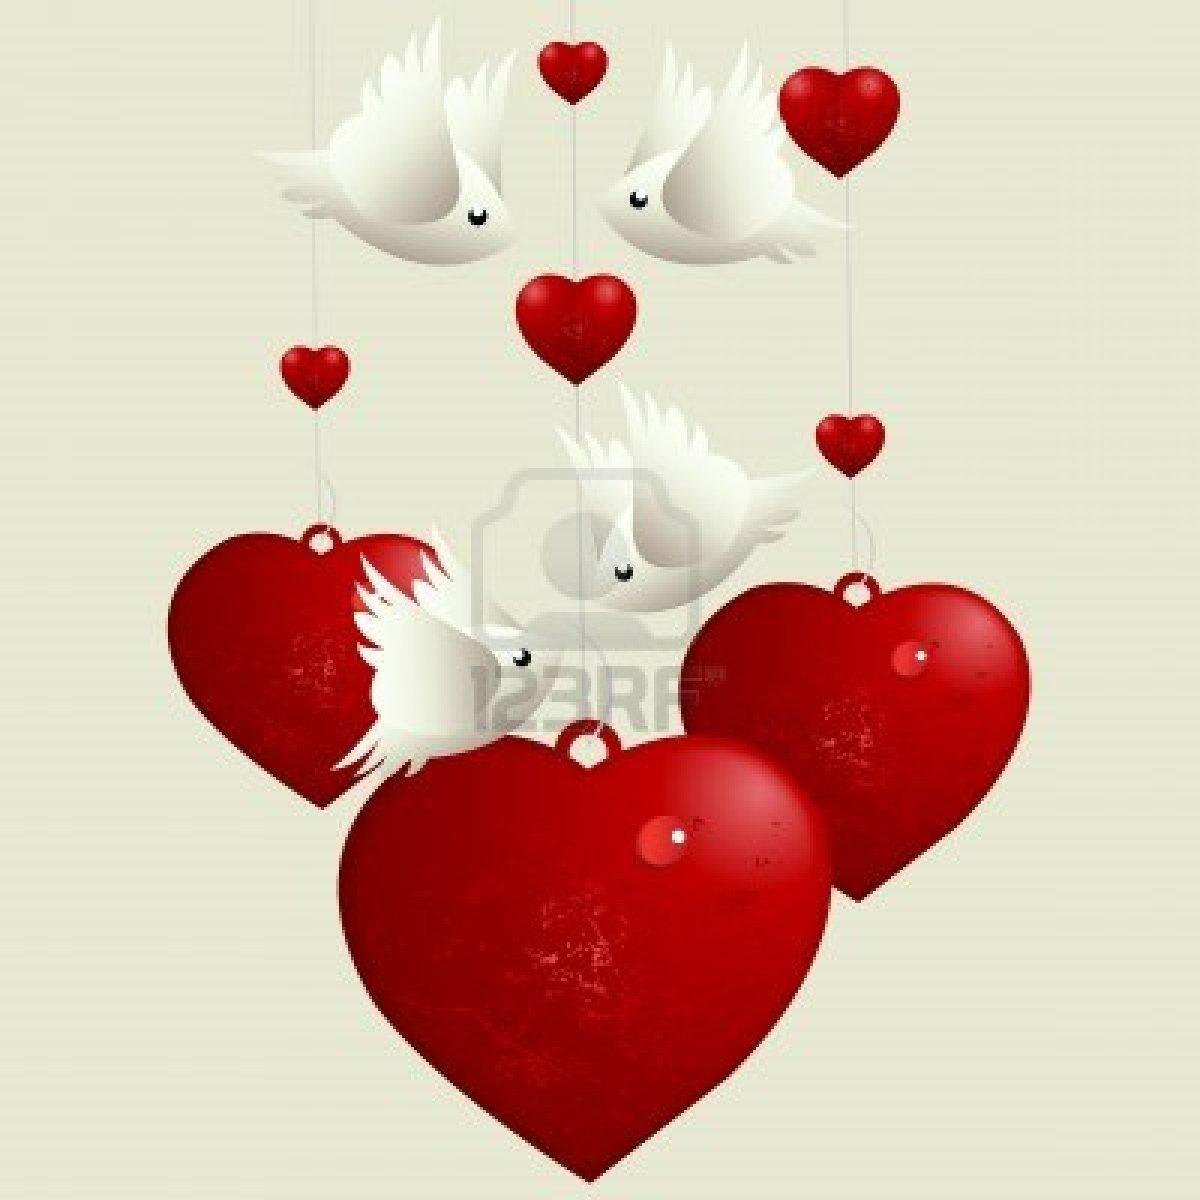 صورة قلوب حب